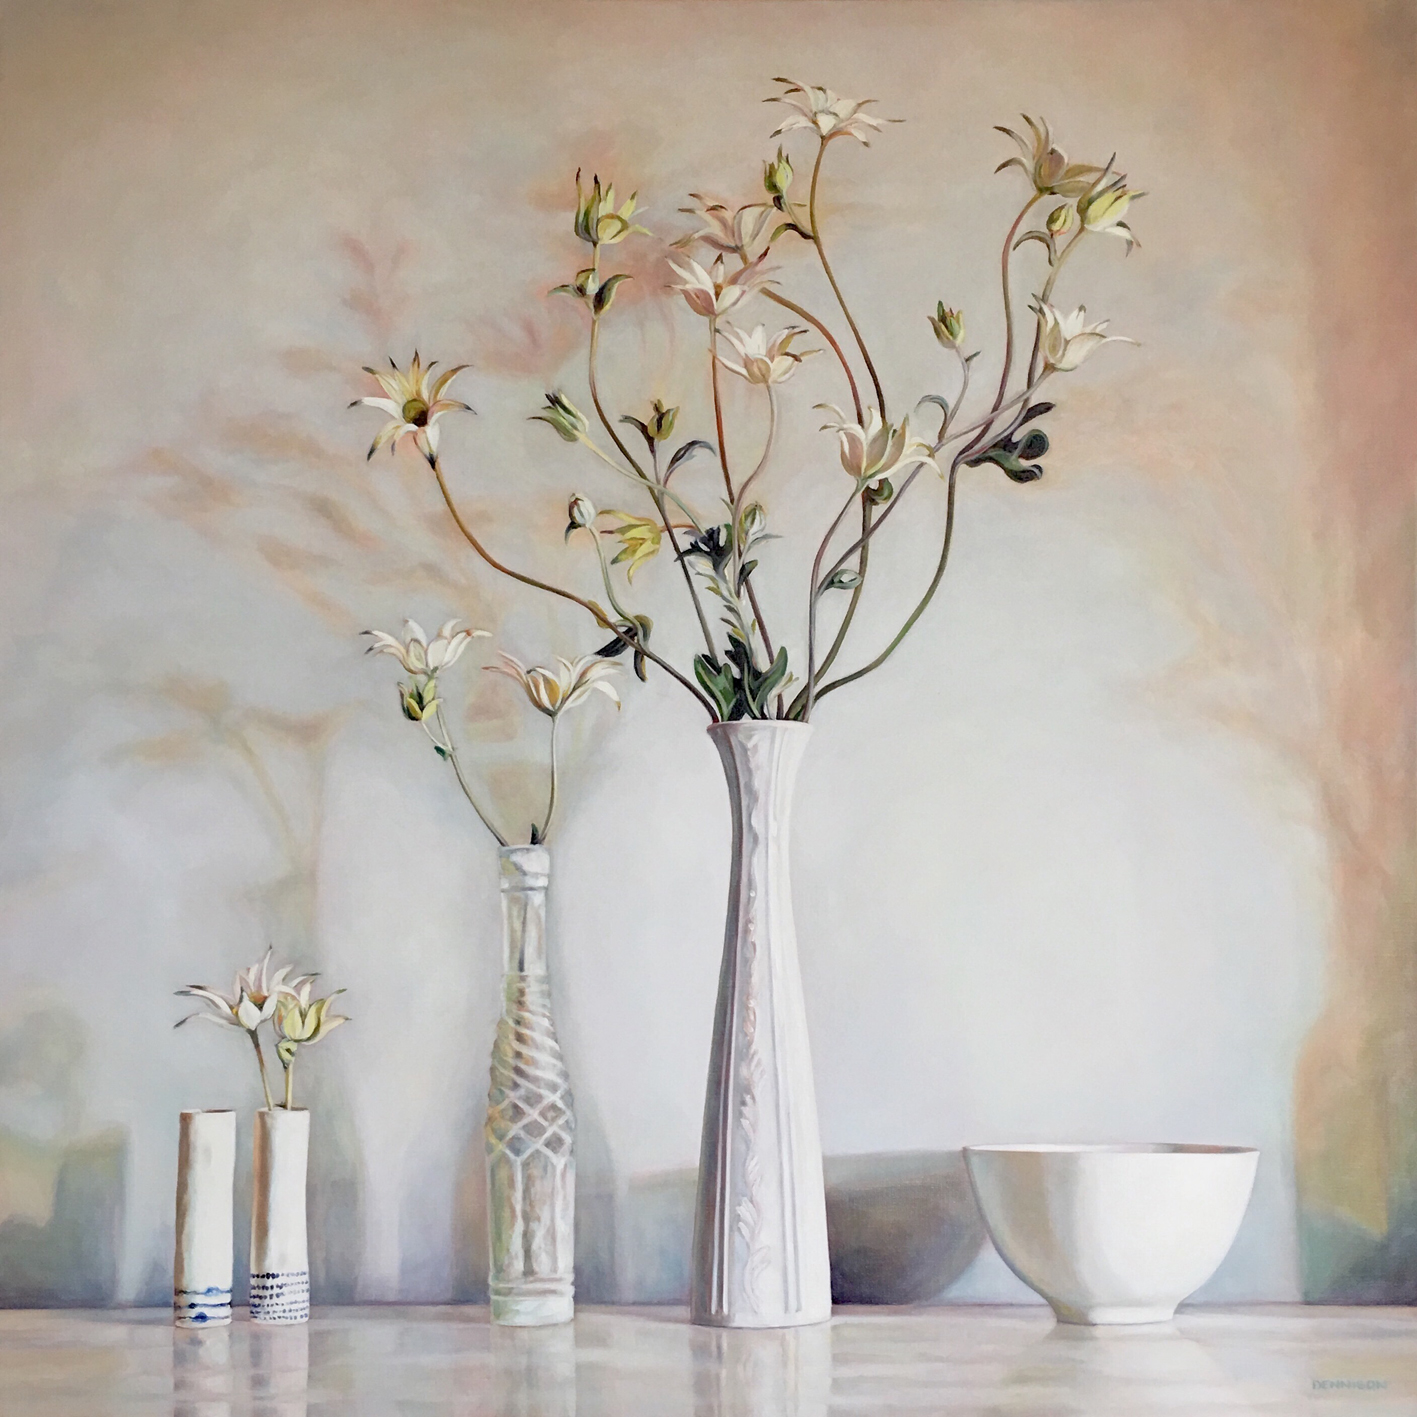 Flannel Flower Still Life   Oil on Linen, 100cm x 100cm